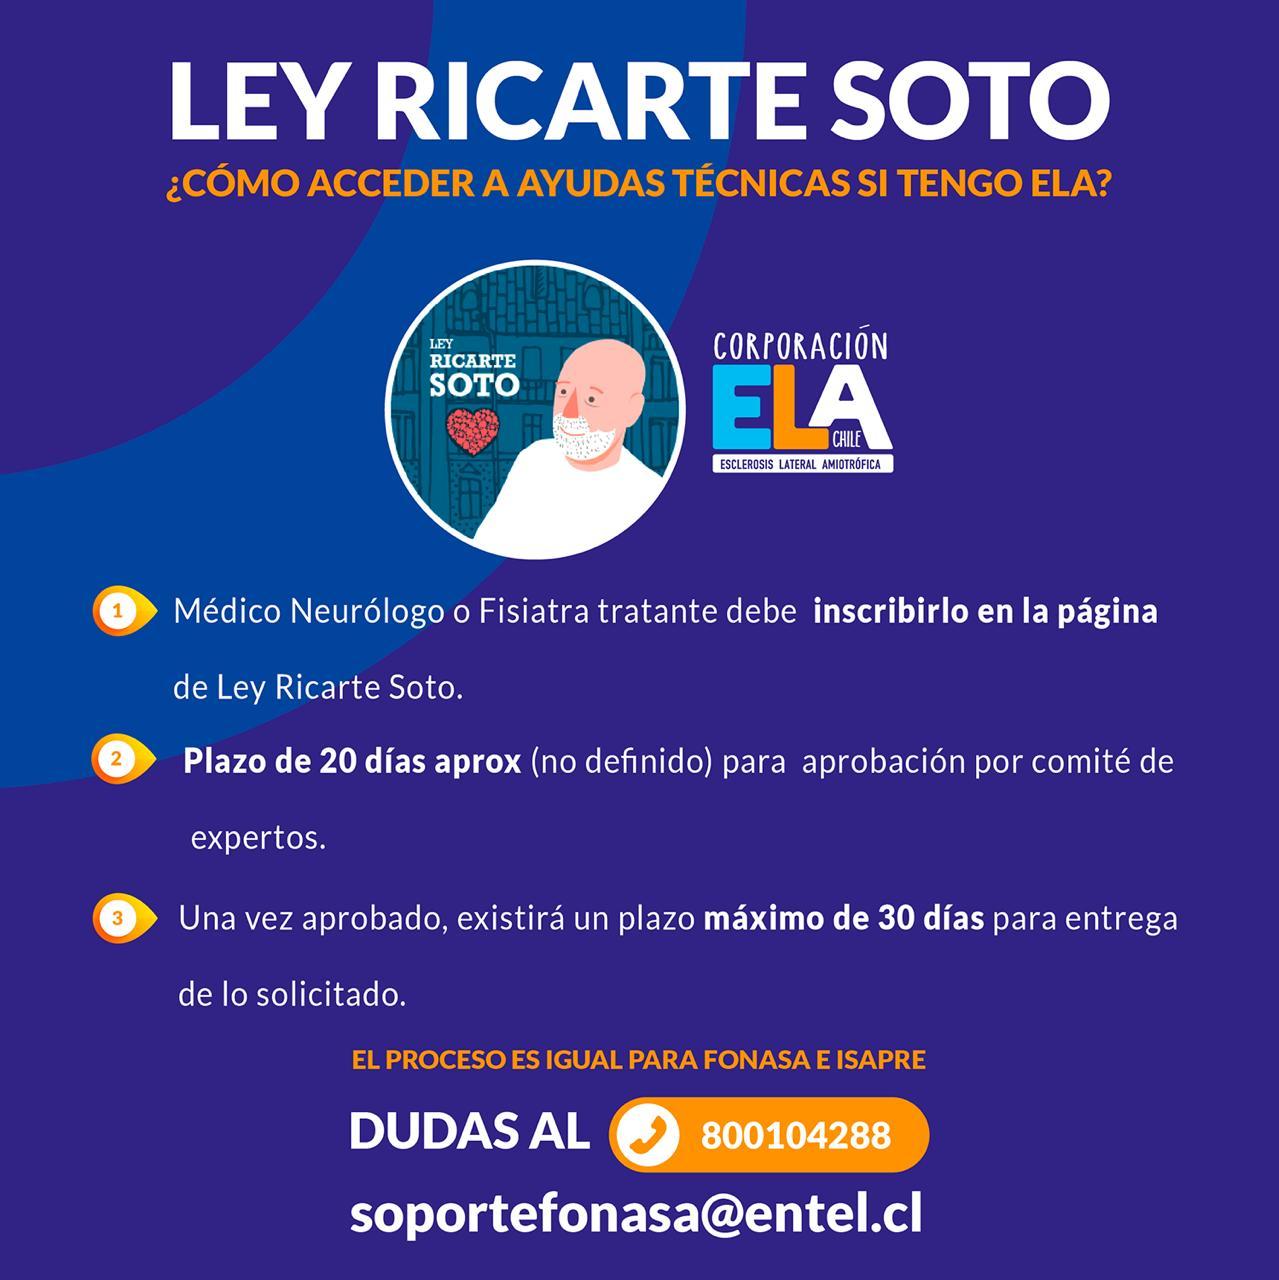 ley-ricarte-soto_ayudad-tecnicas